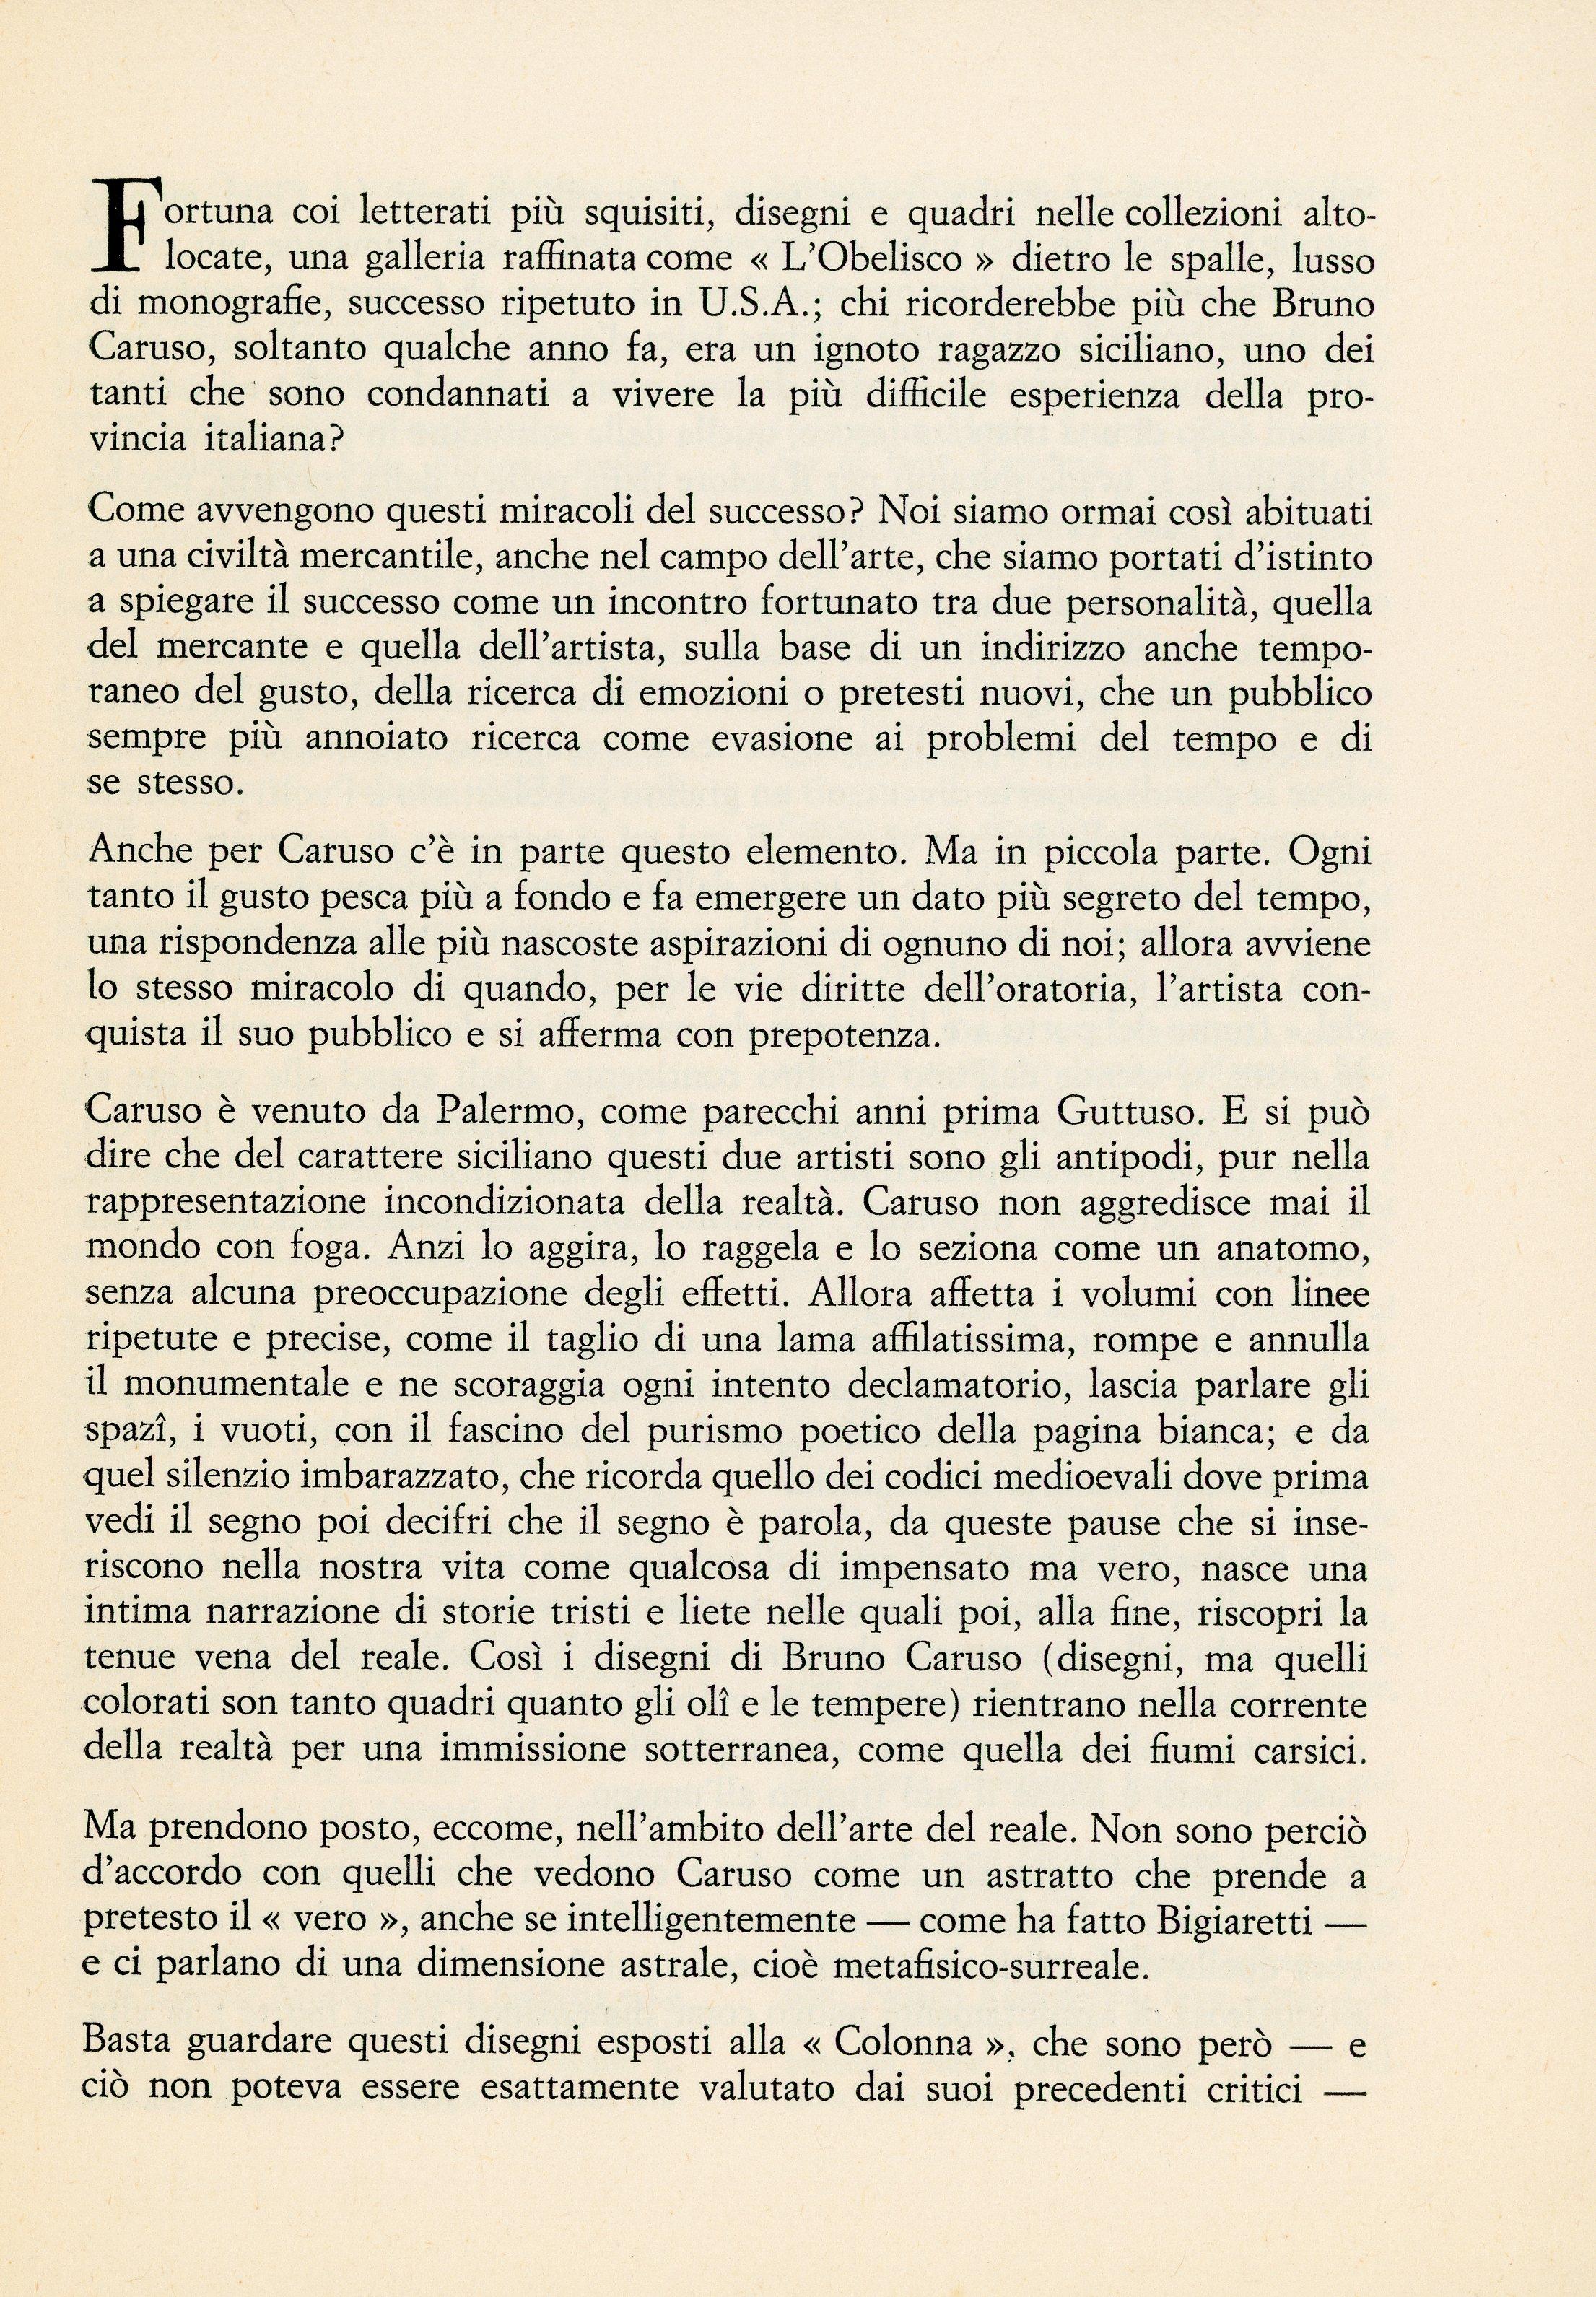 1961-10 Galleria La Colonna - Bruno Caruso_03.jpg